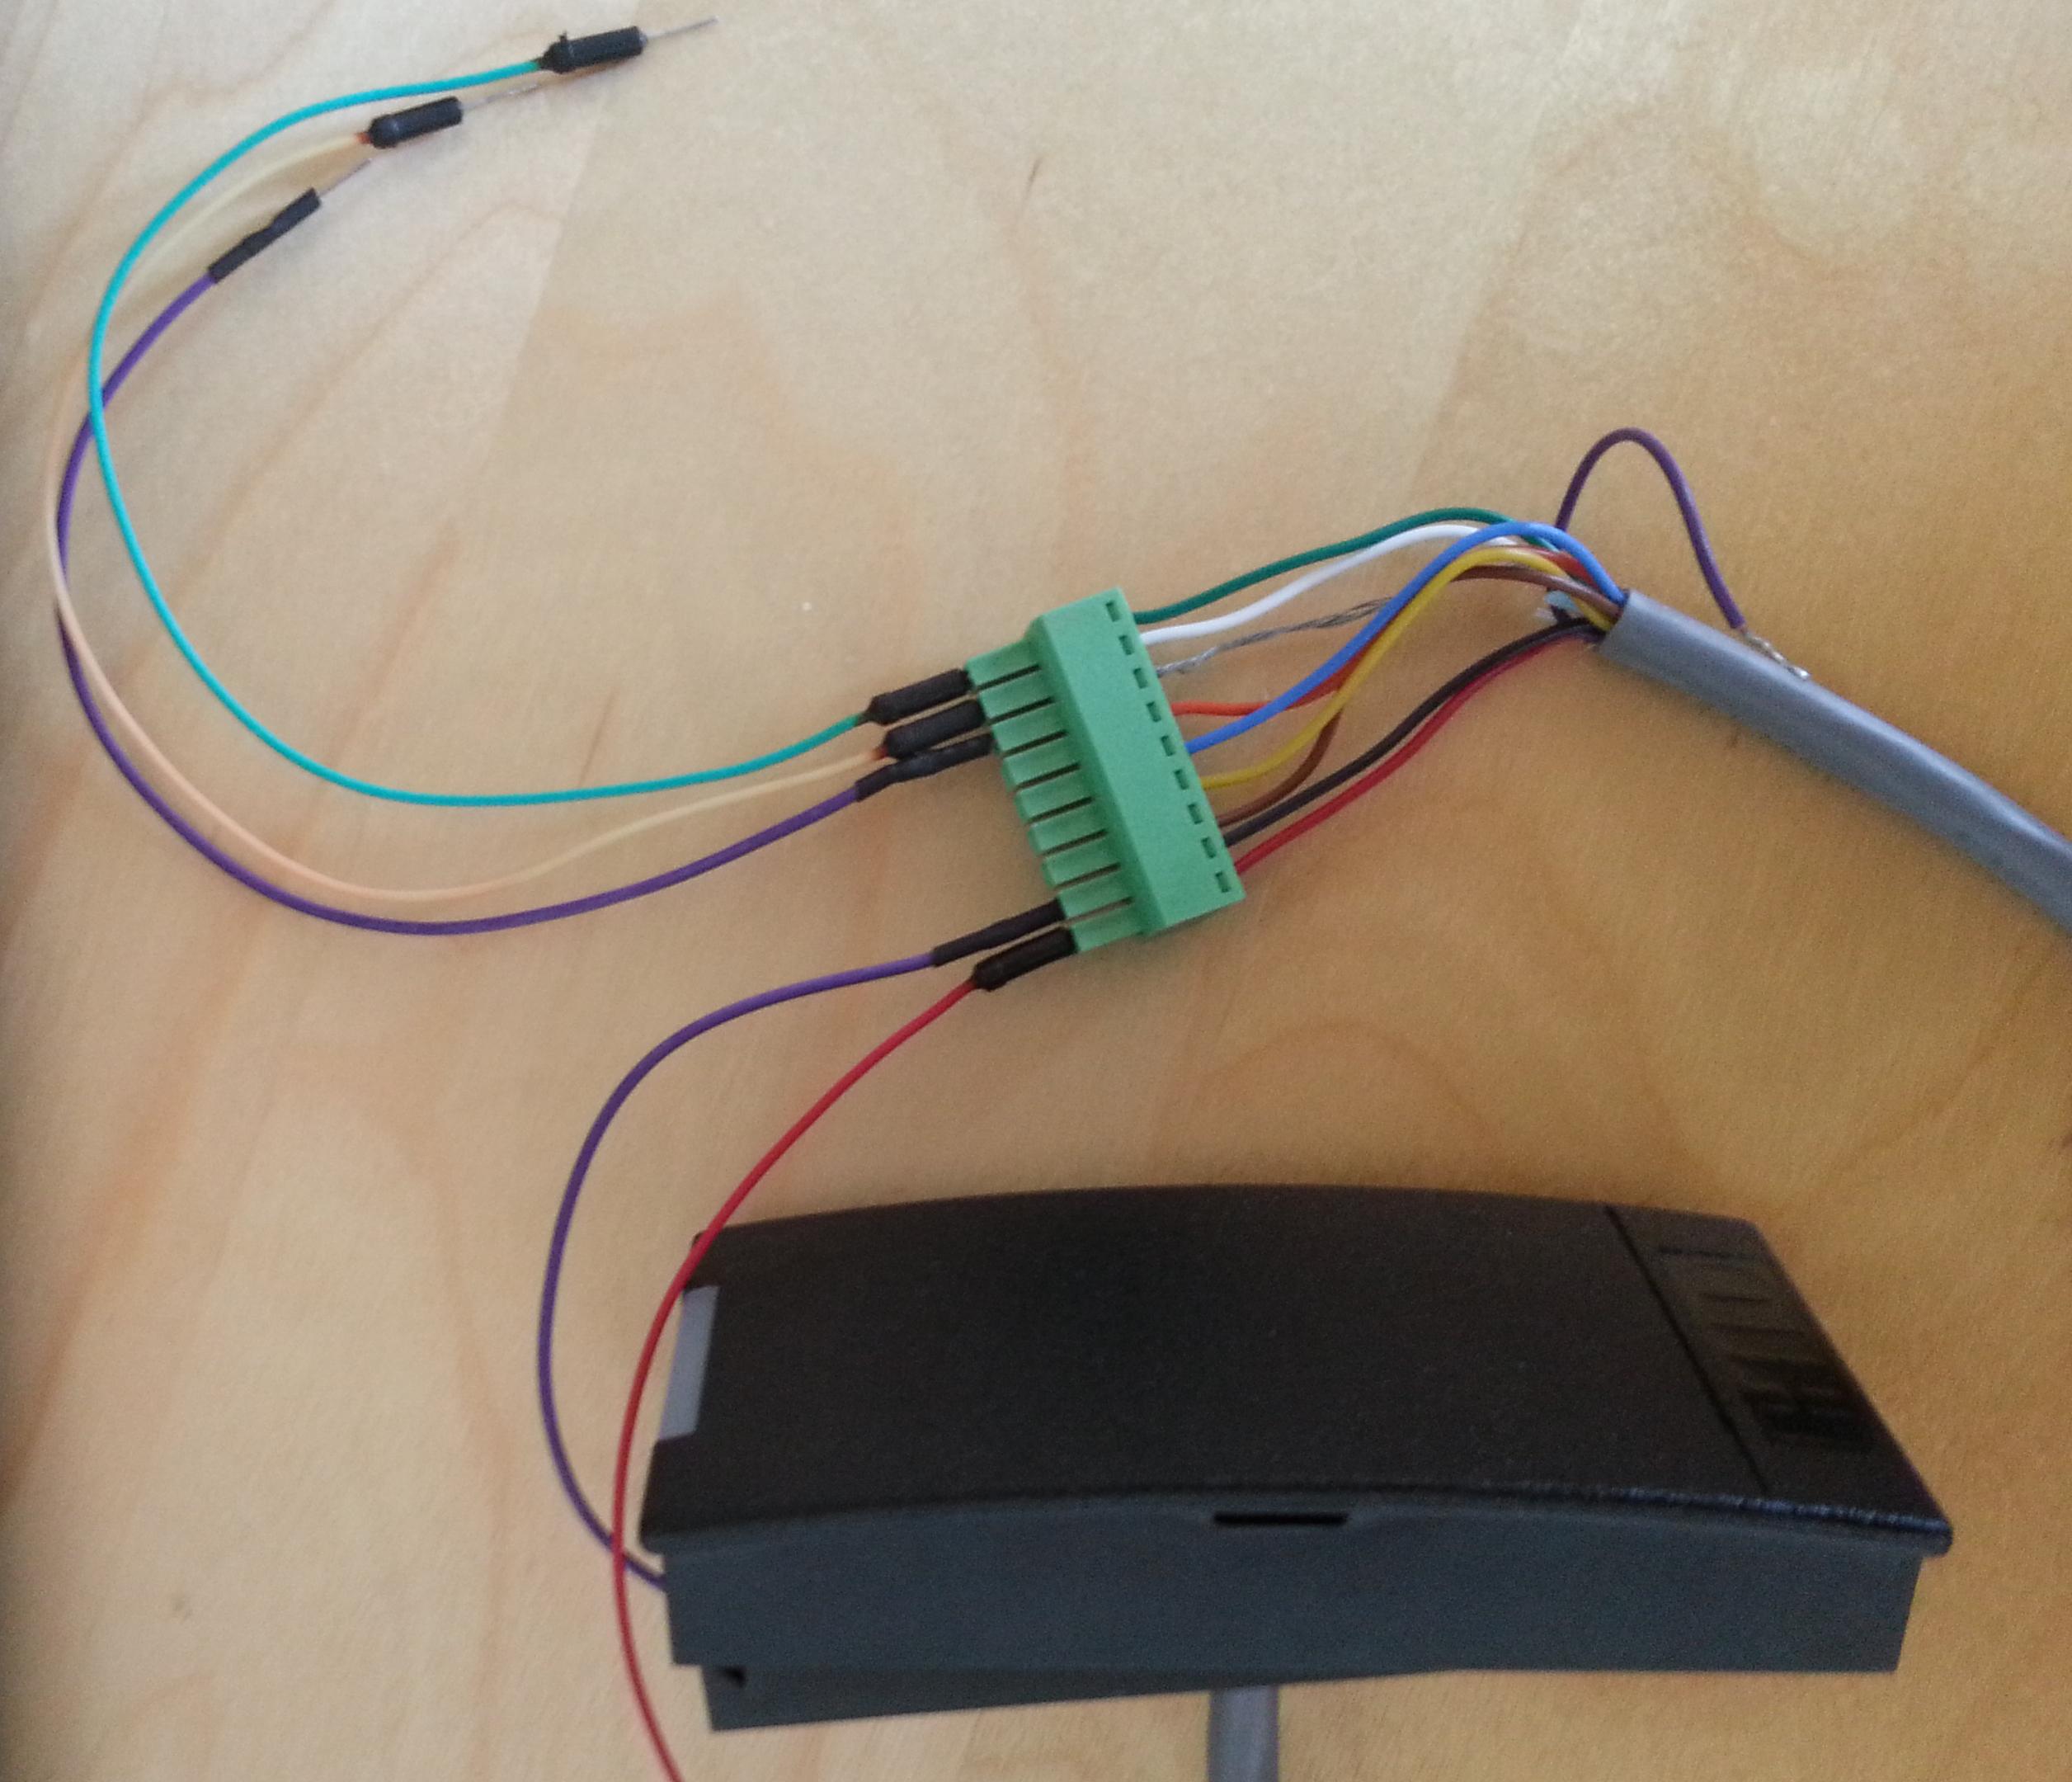 Wiegand reader's wires